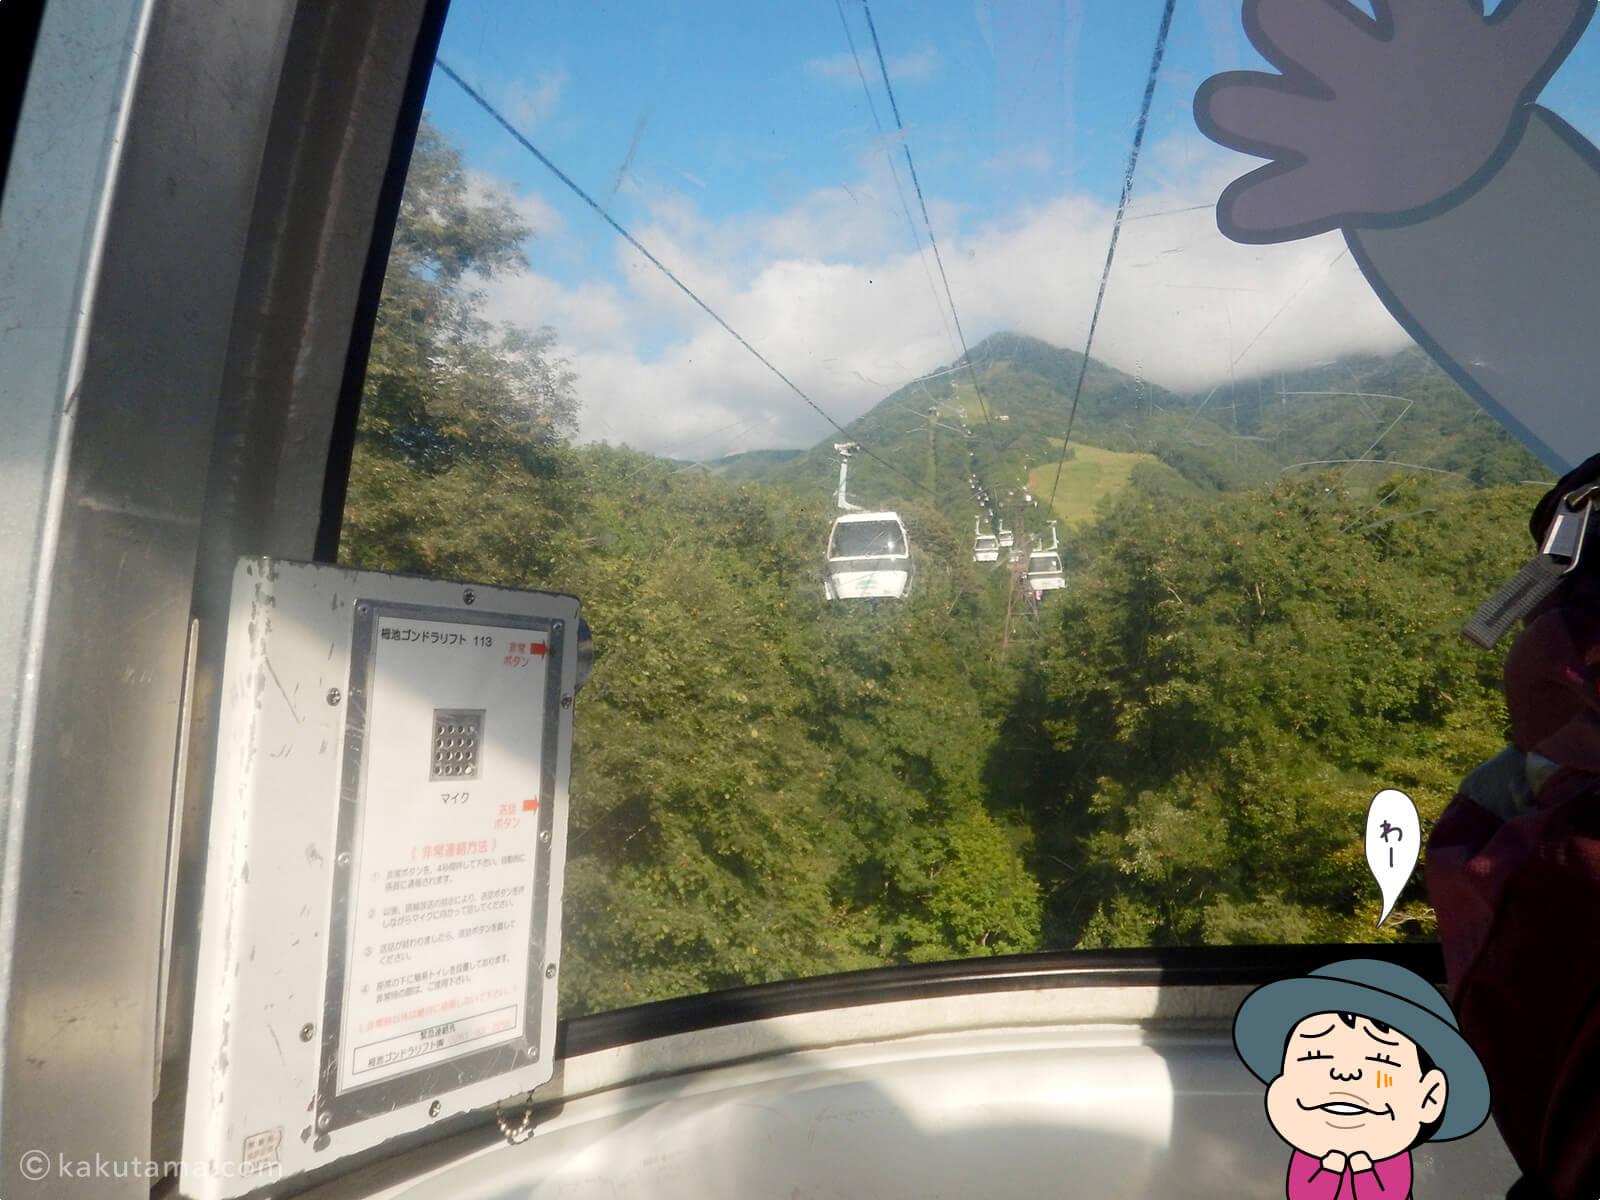 ゴンドラから見る風景